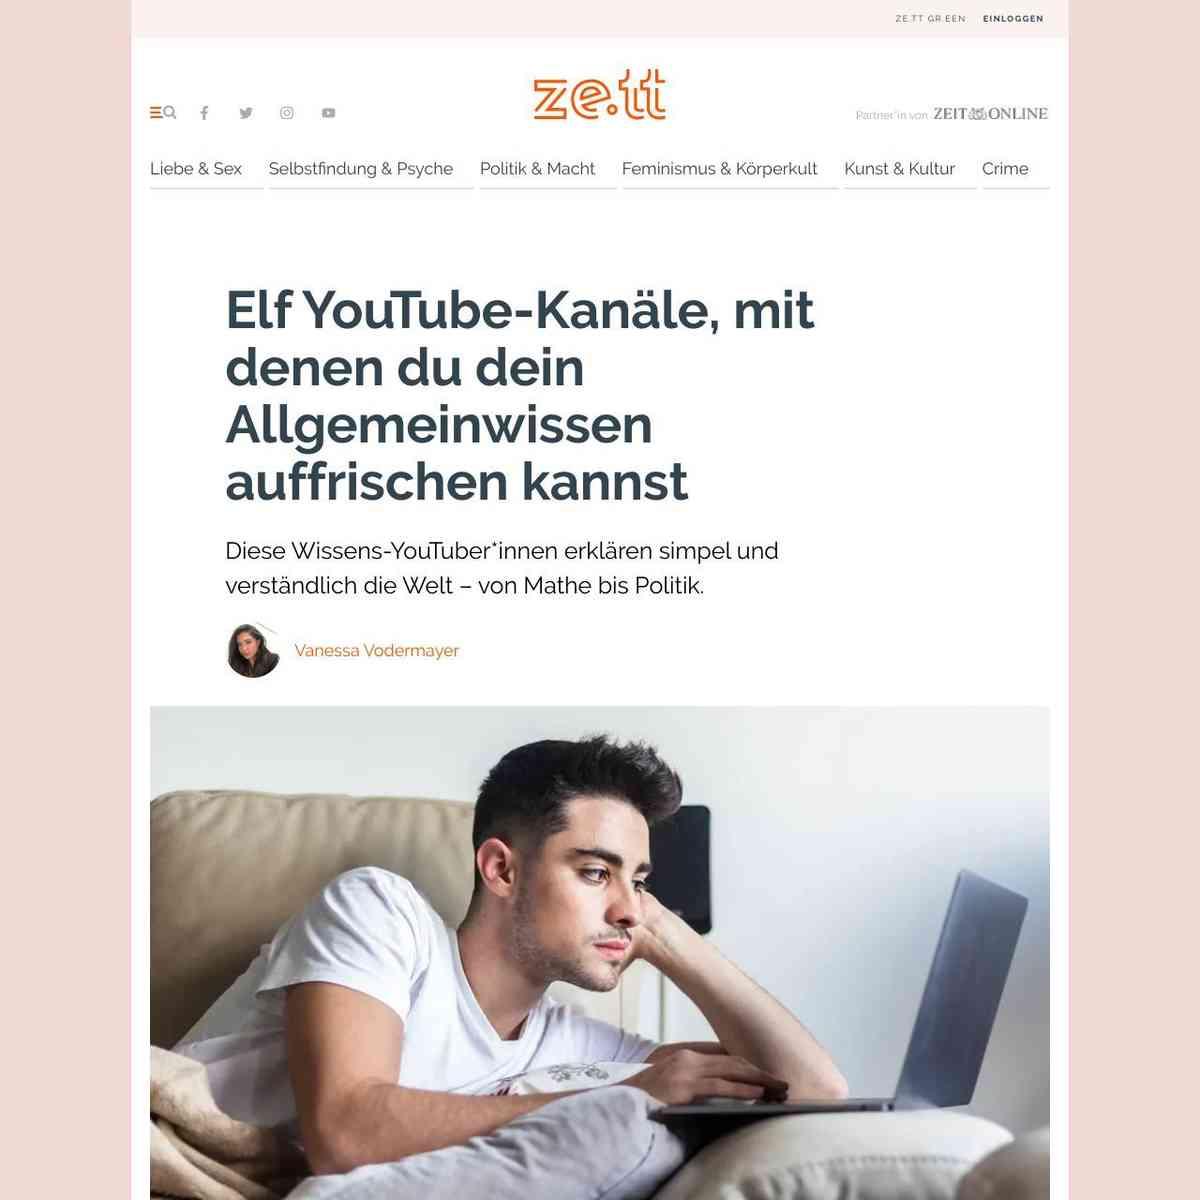 11 YouTube-Kanäle, mit denen du dein Allgemeinwissen auffrischen kannst › ze.tt